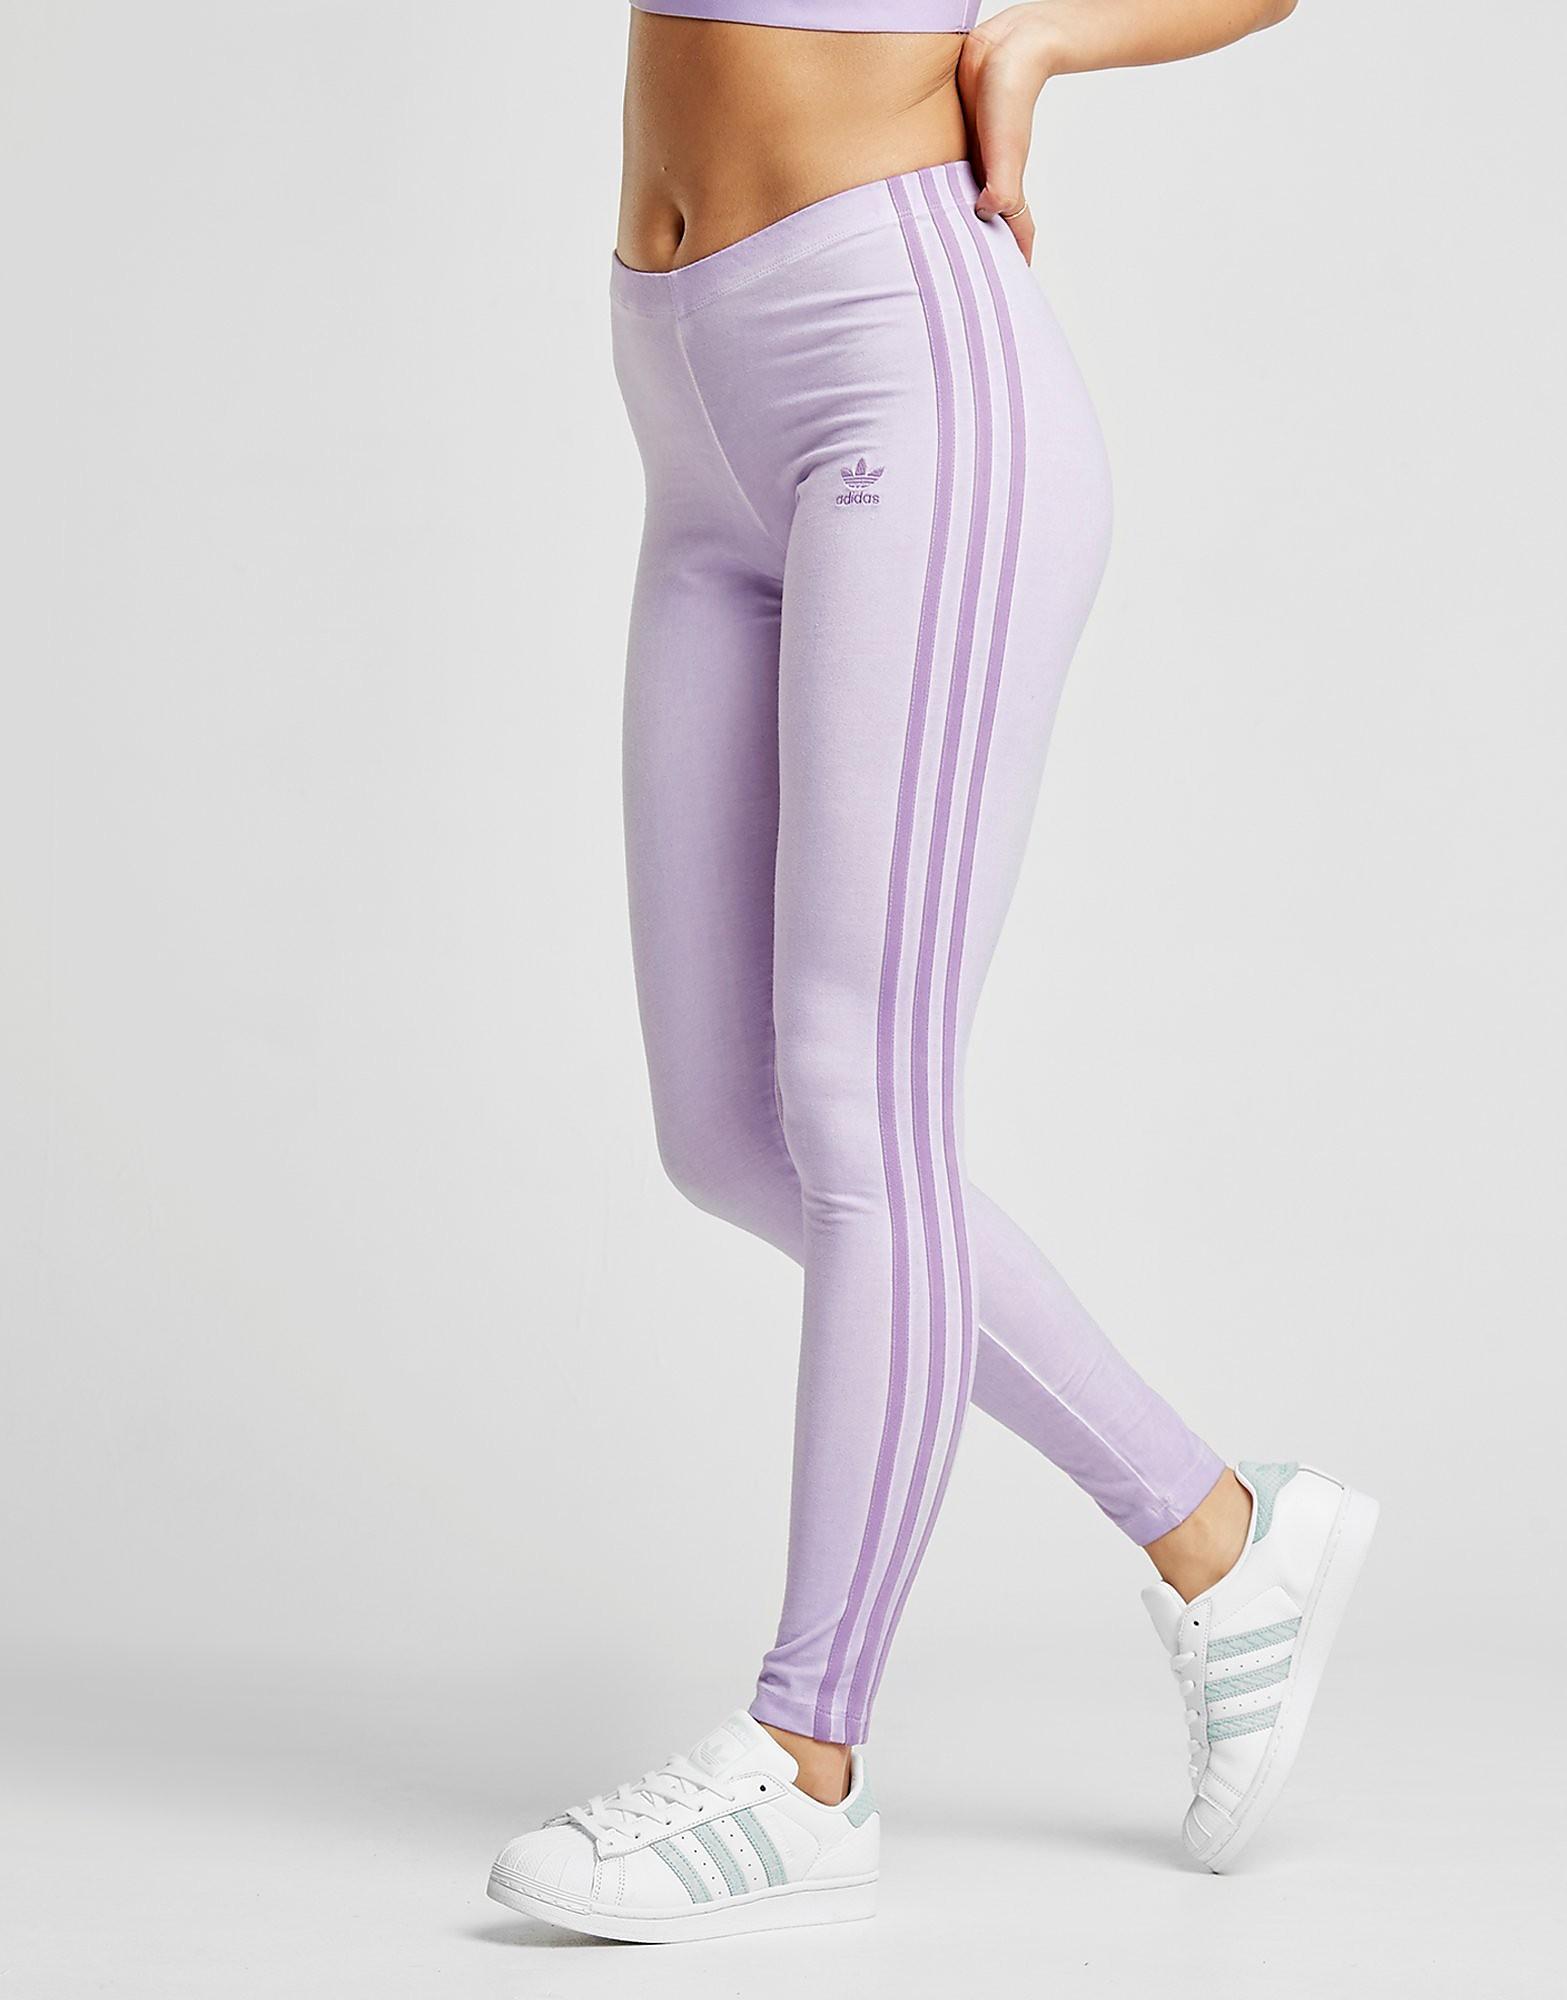 adidas Originals Legging Tie-Dye Femme